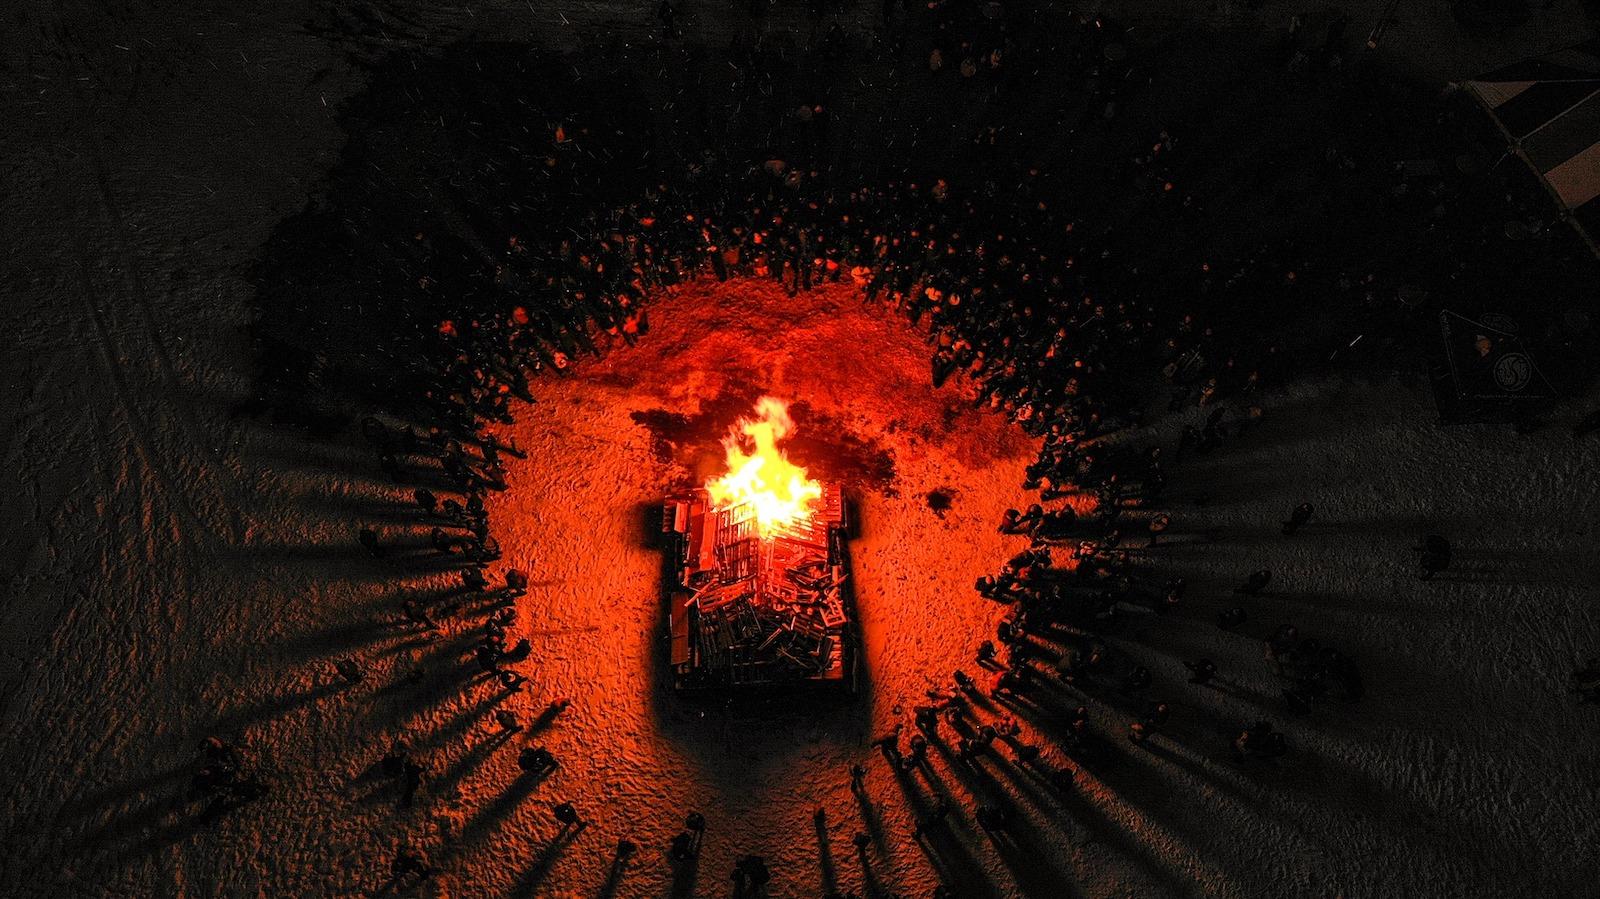 Gambar api unggun pada malam Winterfest di Pagosa Springs, Colorado